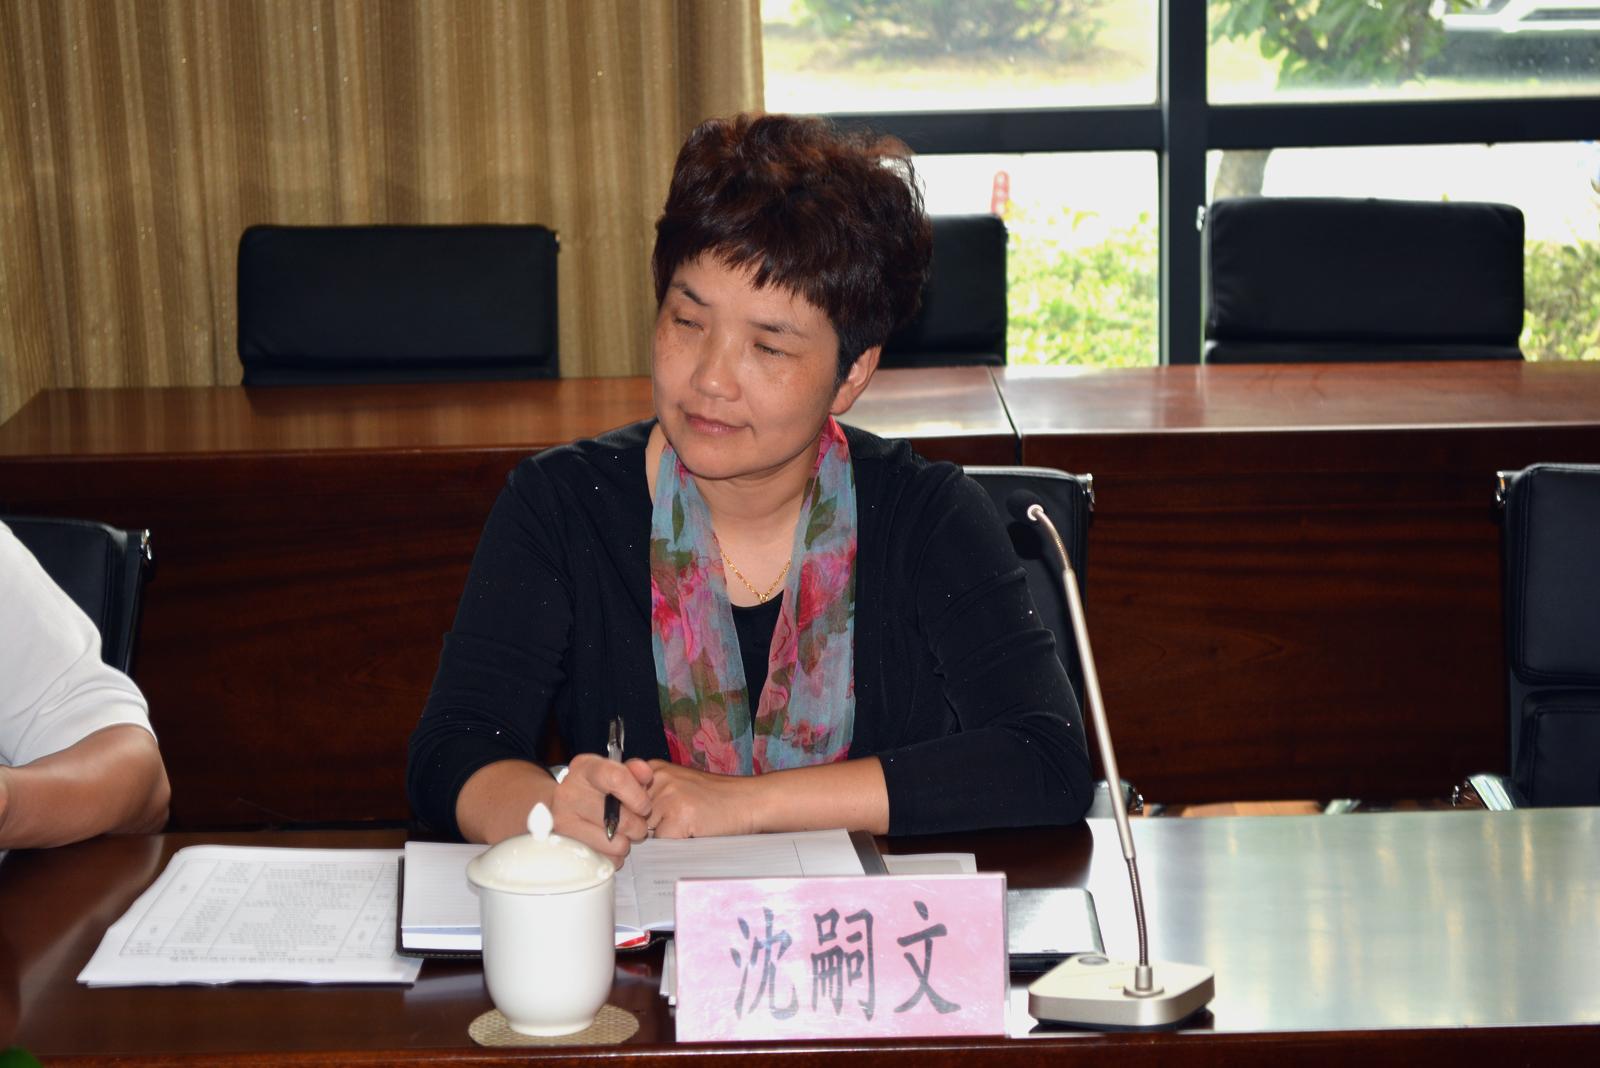 5月29日下午,省级工业lovebet体育娱乐网址示范建设工作研讨会在上海交大(嘉兴)科技园召开